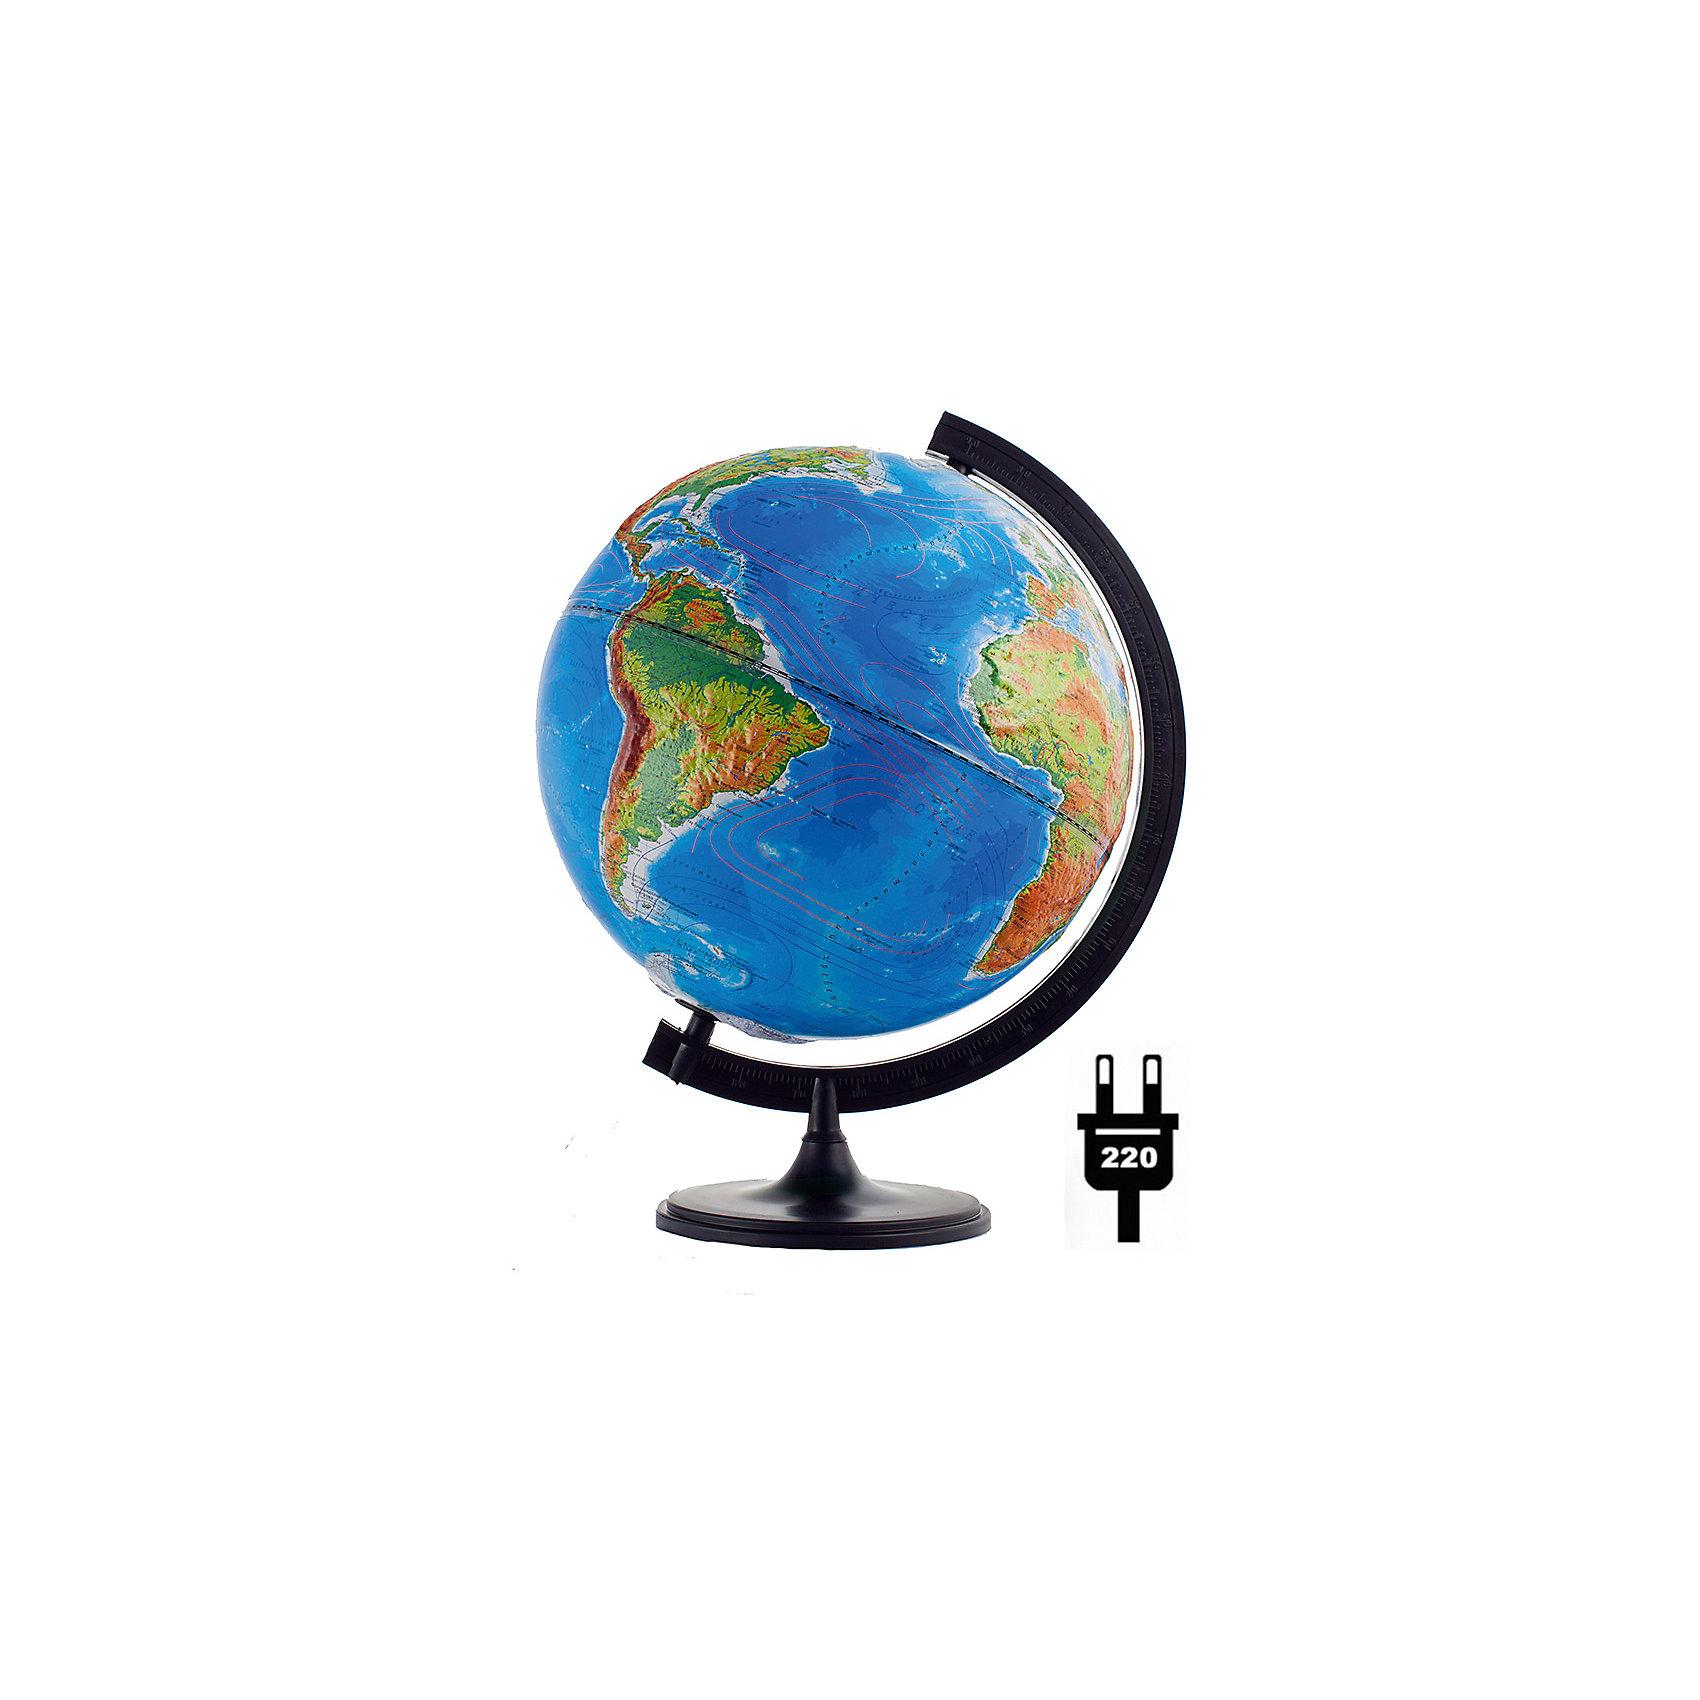 Глобус Земли «Двойная карта» рельефный с подсветкой, диаметр 320 ммГлобусы<br>Характеристики товара:<br><br>• возраст от 6 лет;<br>• материал: пластик;<br>• работает от сети<br>• цвет подставки: чёрный<br>• диаметр глобуса 320 мм;<br>• масштаб 1:40000000;<br>• размер упаковки 34,3х34,3х35,5 см;<br>• вес упаковки 800 гр.;<br>• страна производитель: Россия.<br><br>Глобус Земли «Двойная карта» рельефный с подсветкой, 320 мм Глобусный мир — уменьшенная копия нашей планеты. Глобус станет отличным дополнением при изучении географии для школьника или студента. Он позволит познакомиться поближе с нашей планетой, на нем нанесены моря, океаны, глубоководные впадины, материки и острова, горы и возвышенности. Поверхность глобуса рельефная. Глобус оснащен подсветкой, которая работает от сети.<br><br>Глобус Земли «Двойная карта» рельефный с подсветкой, 320 мм Глобусный мир можно приобрести в нашем интернет-магазине.<br><br>Ширина мм: 343<br>Глубина мм: 343<br>Высота мм: 355<br>Вес г: 800<br>Возраст от месяцев: 72<br>Возраст до месяцев: 2147483647<br>Пол: Унисекс<br>Возраст: Детский<br>SKU: 5518226